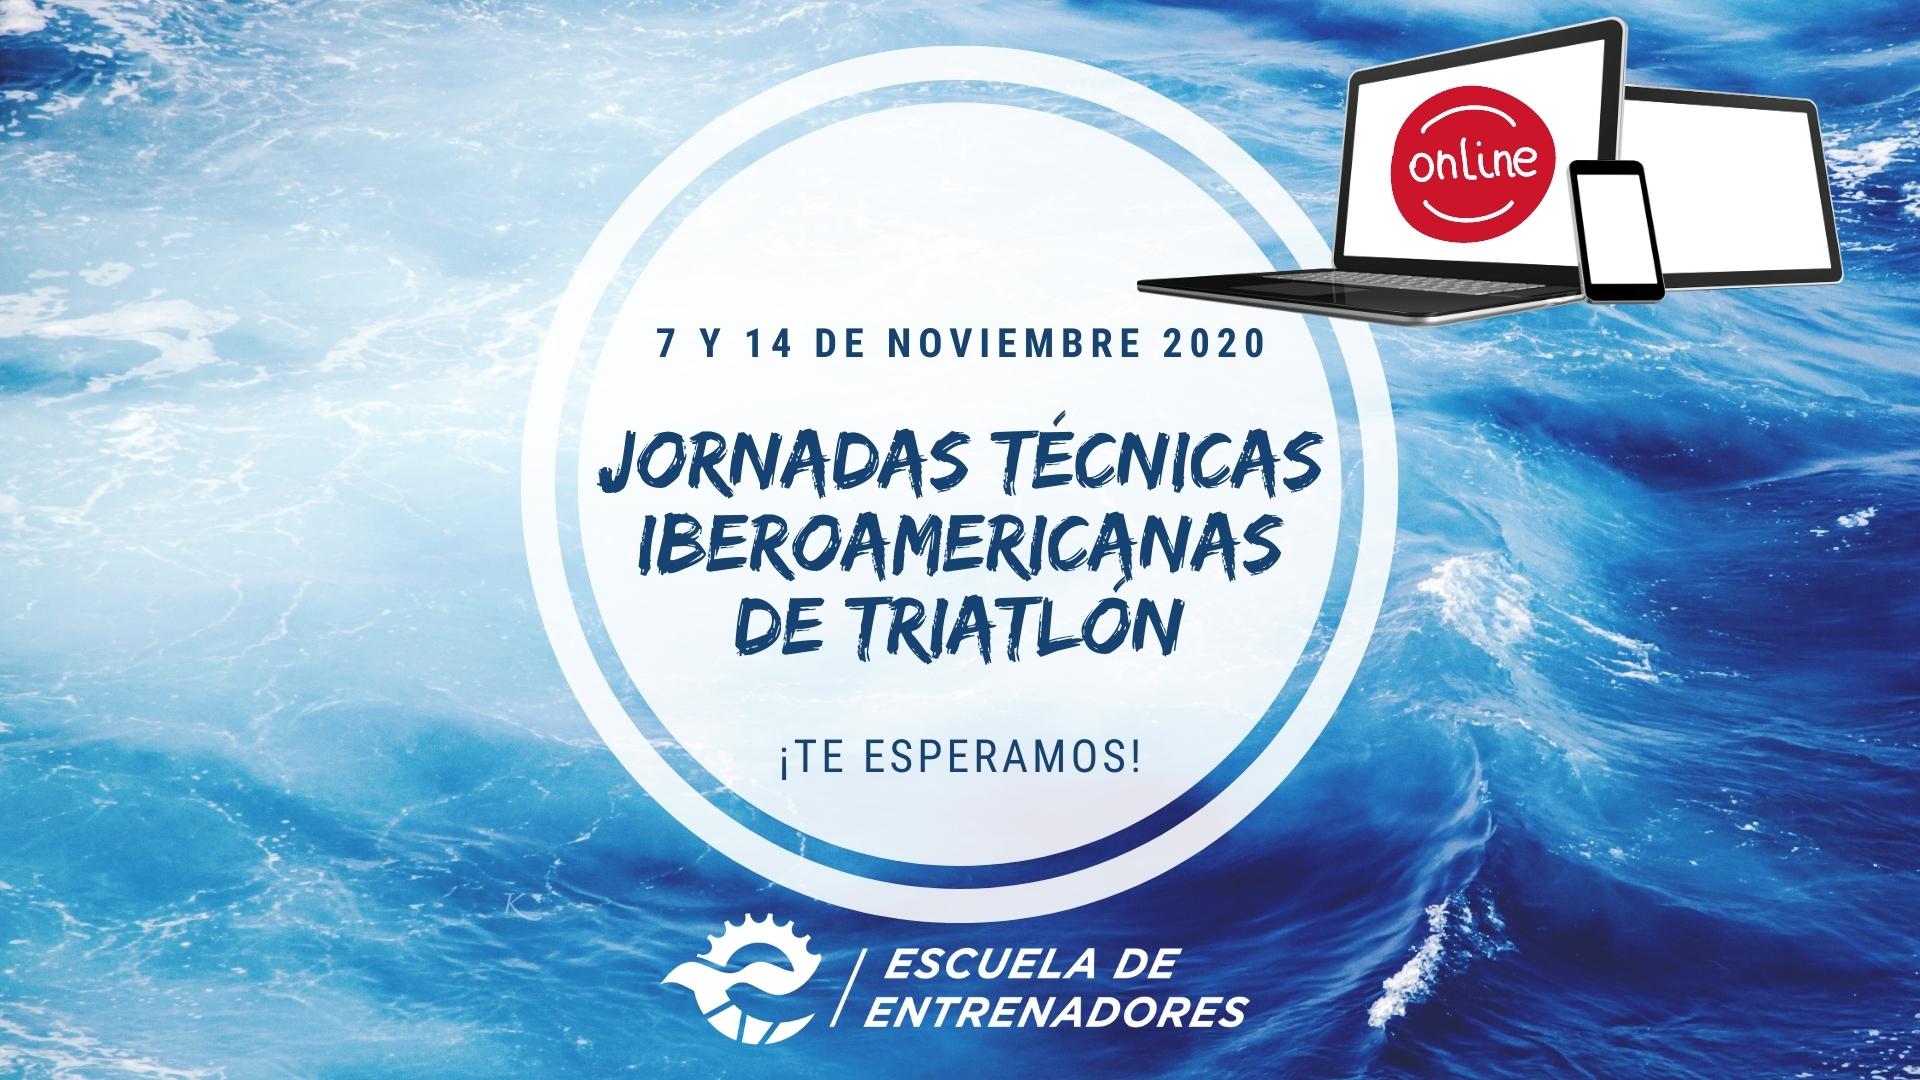 Presentadas las Jornadas Técnicas Iberoamericanas 2020